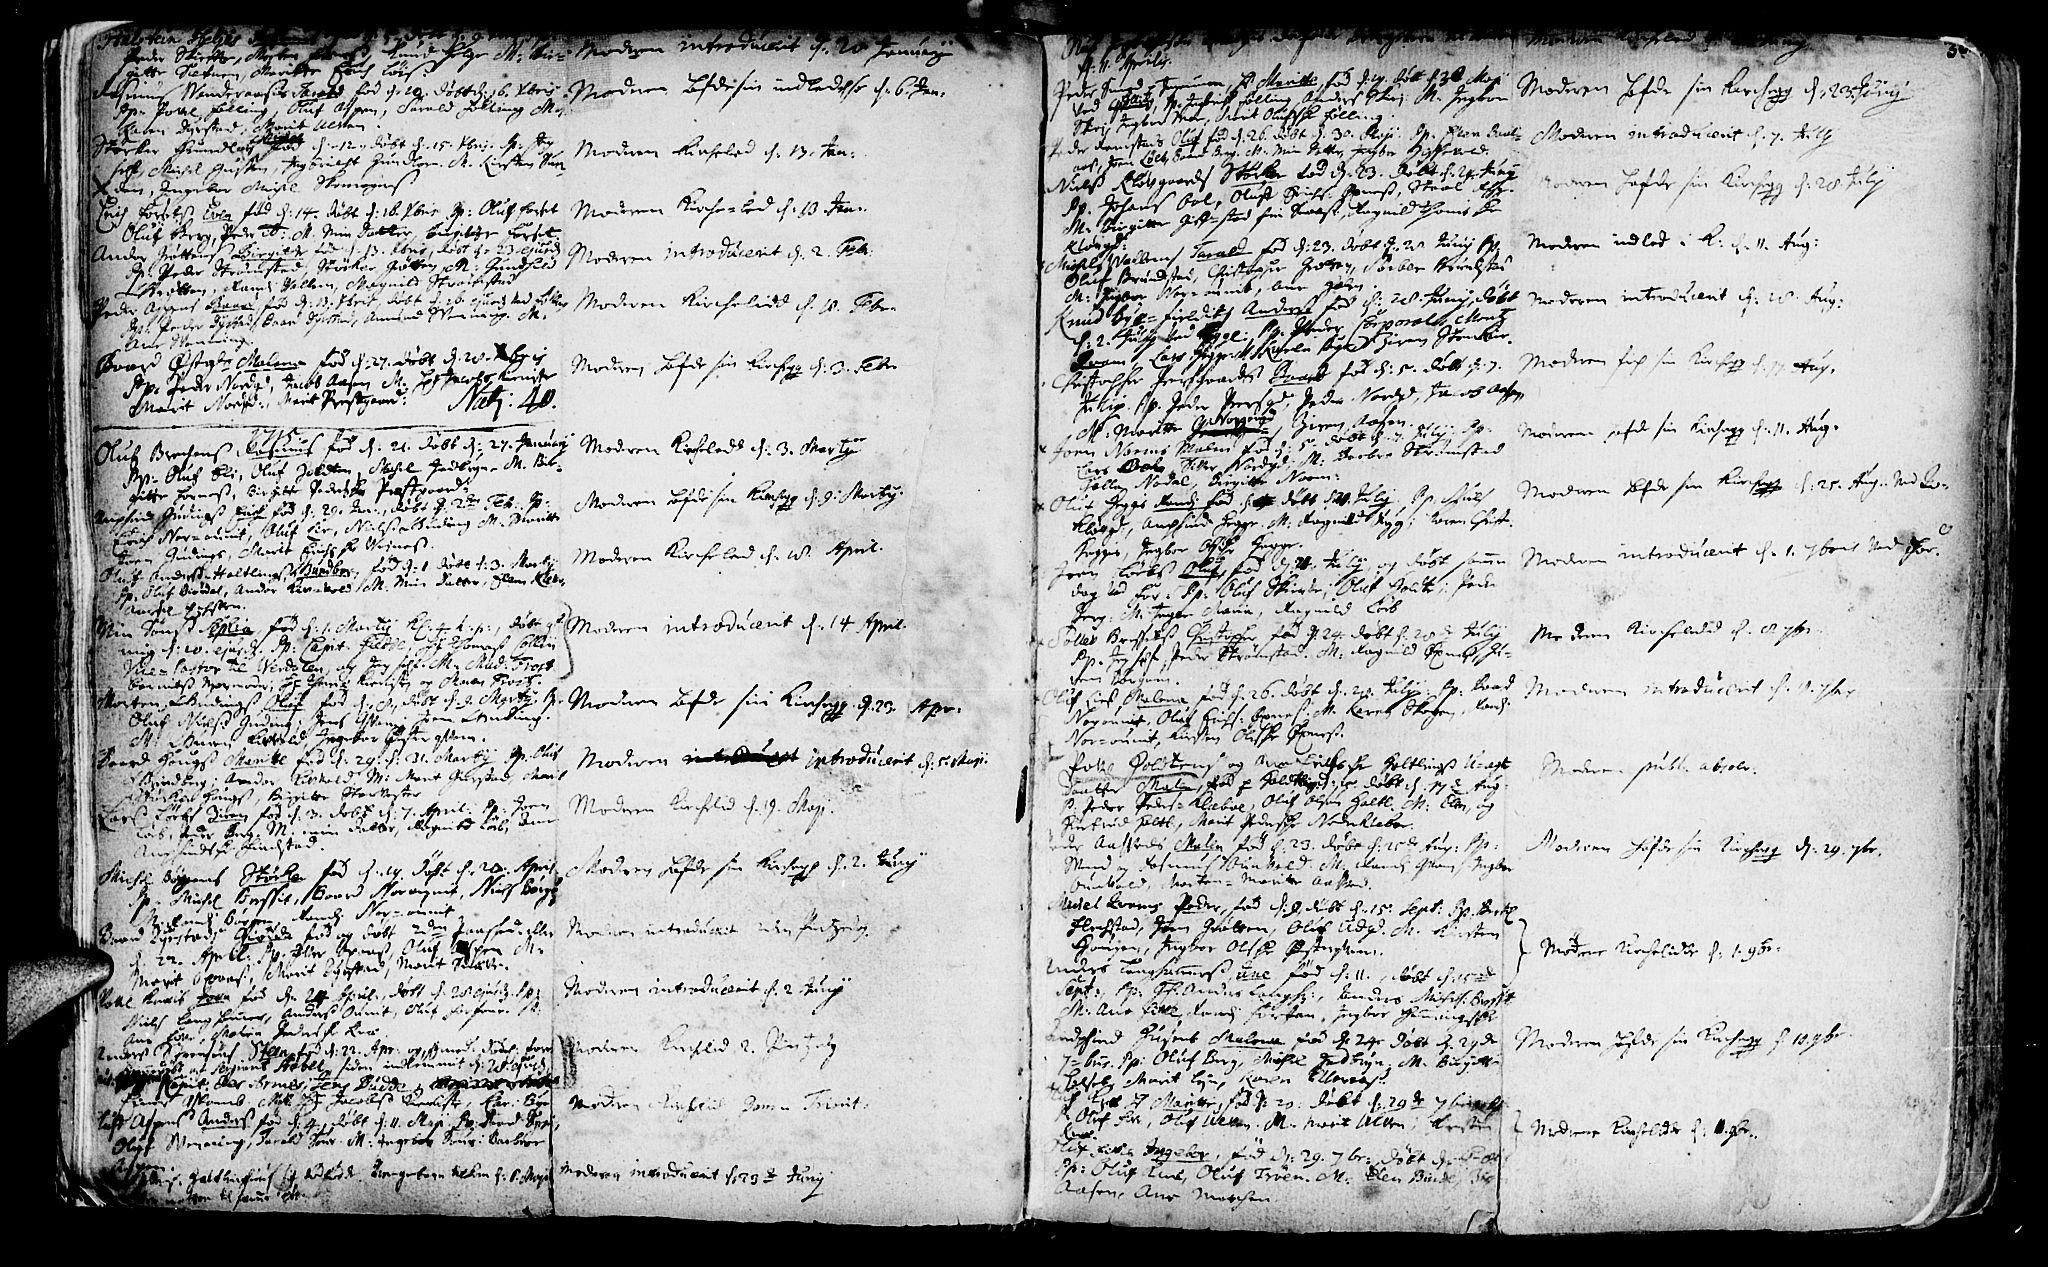 SAT, Ministerialprotokoller, klokkerbøker og fødselsregistre - Nord-Trøndelag, 746/L0439: Ministerialbok nr. 746A01, 1688-1759, s. 30